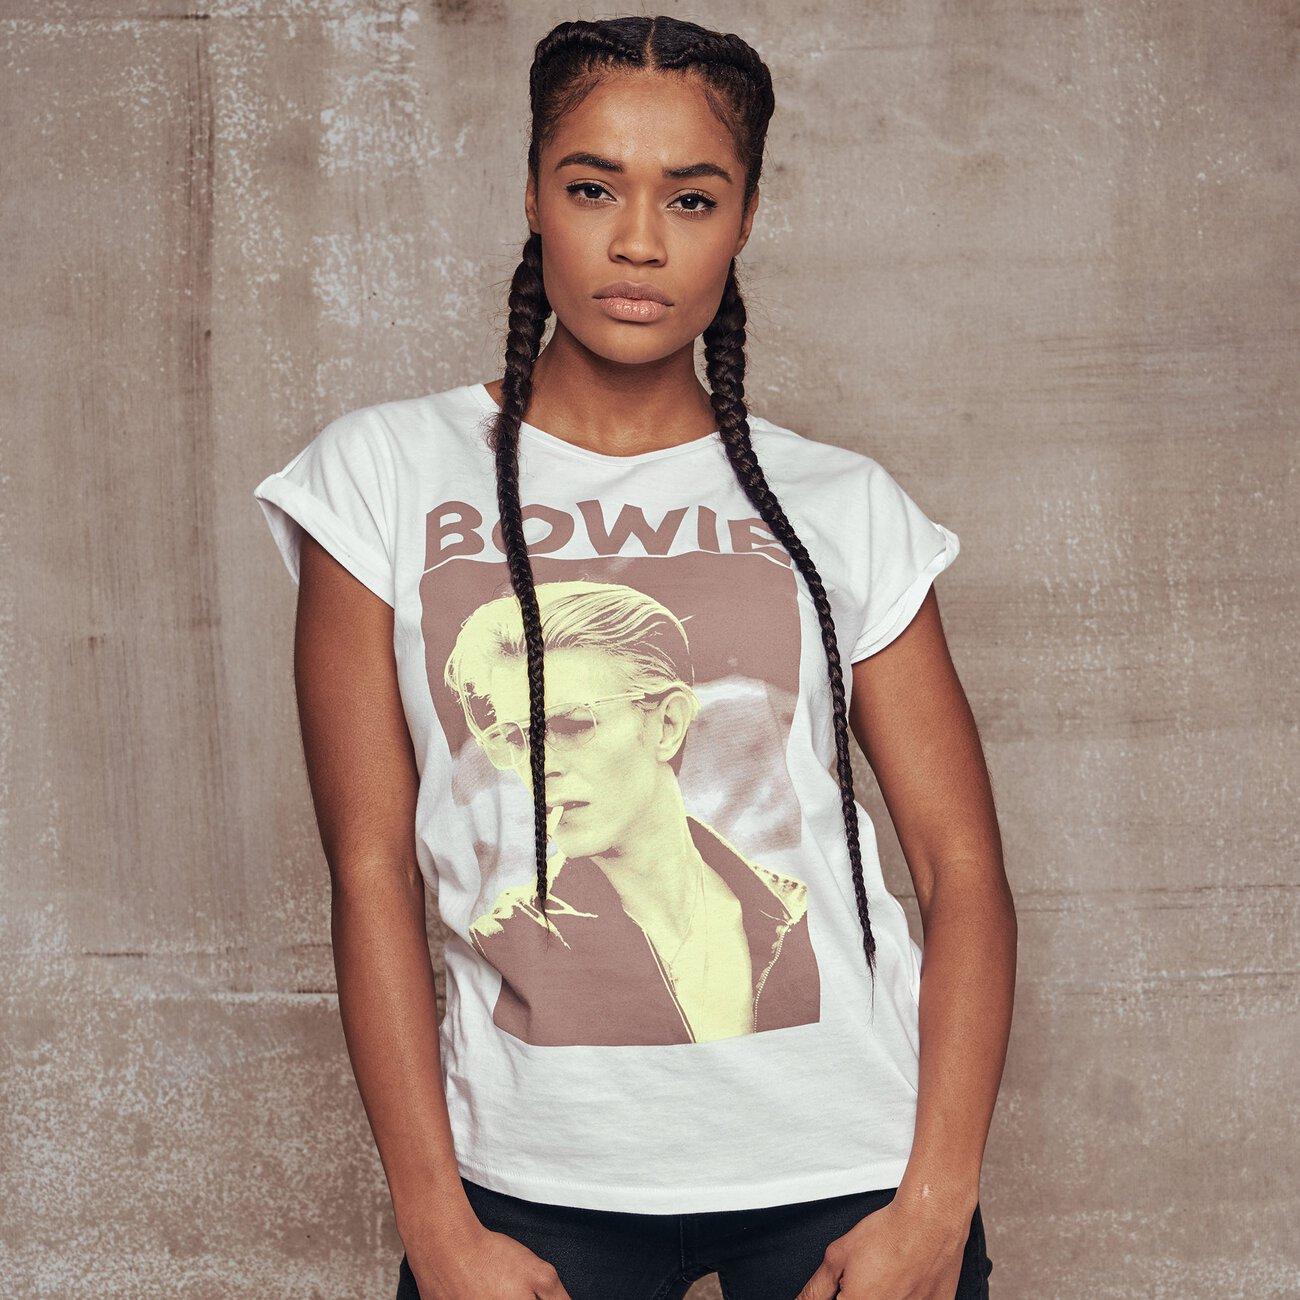 mister-tee-t-shirt-damen-bowie-motiv-print-kurzarm-shirt-mt-365-weiss.jpg 0201b7b7e4